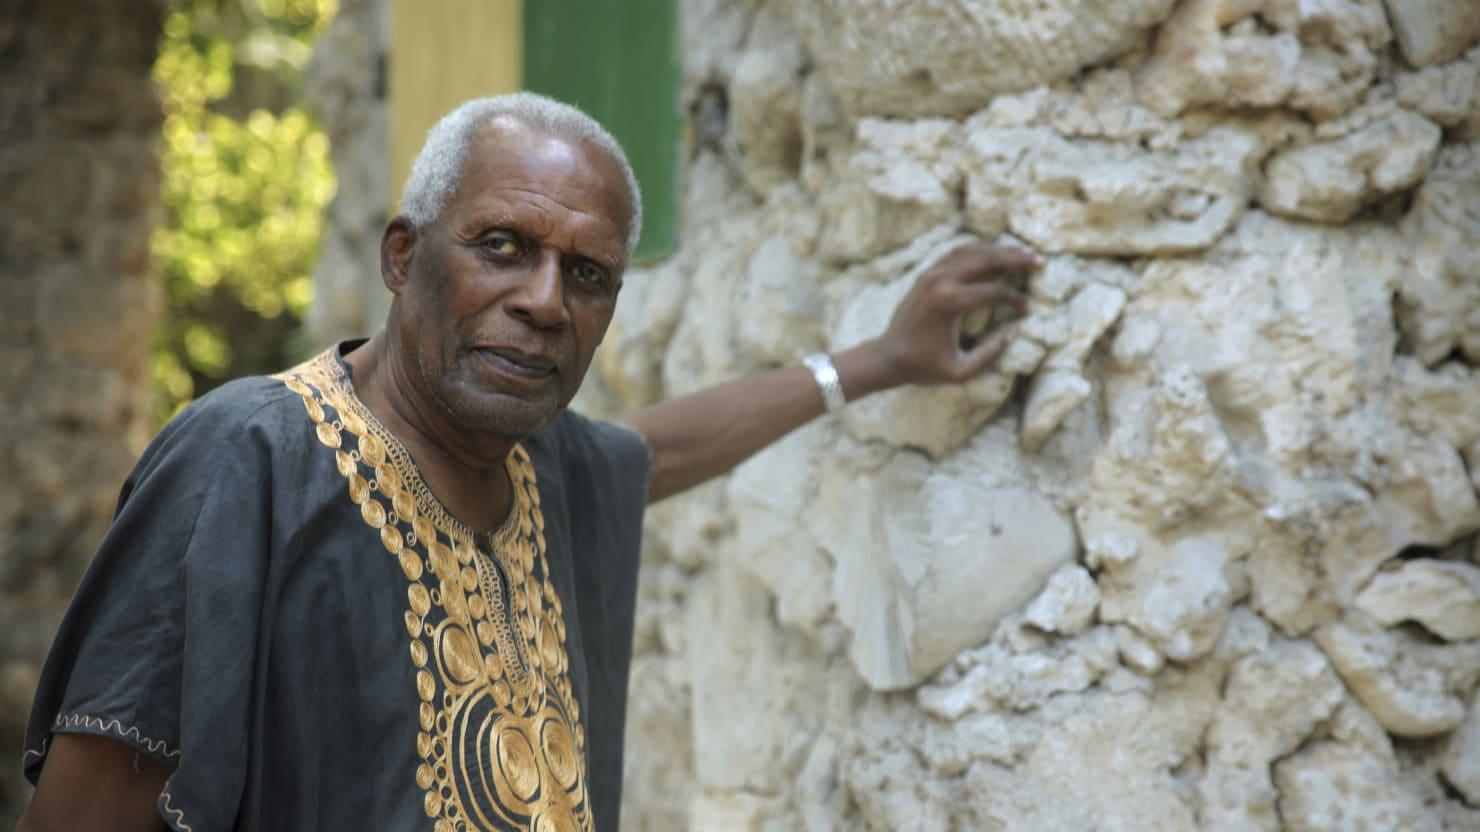 max beauvoir the voodoo priest who saved haiti dies at